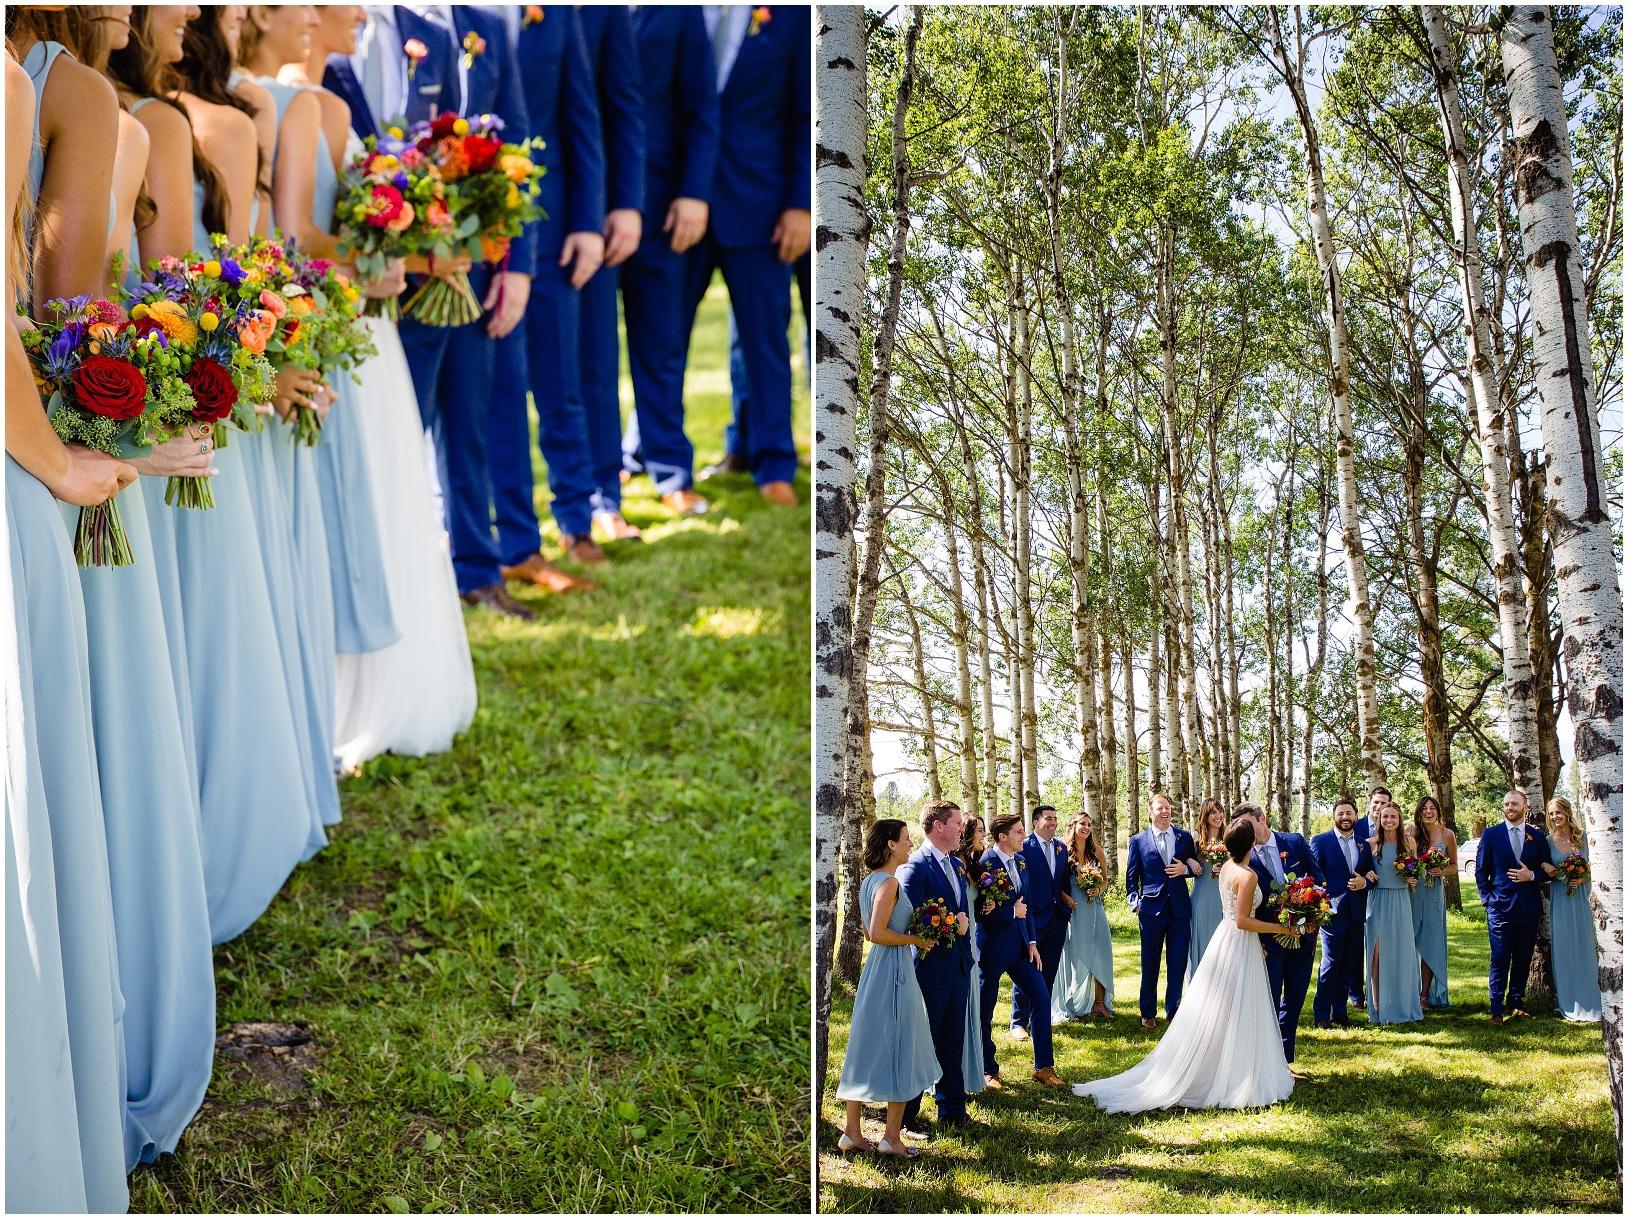 lindseyjane_weddings0054.jpg